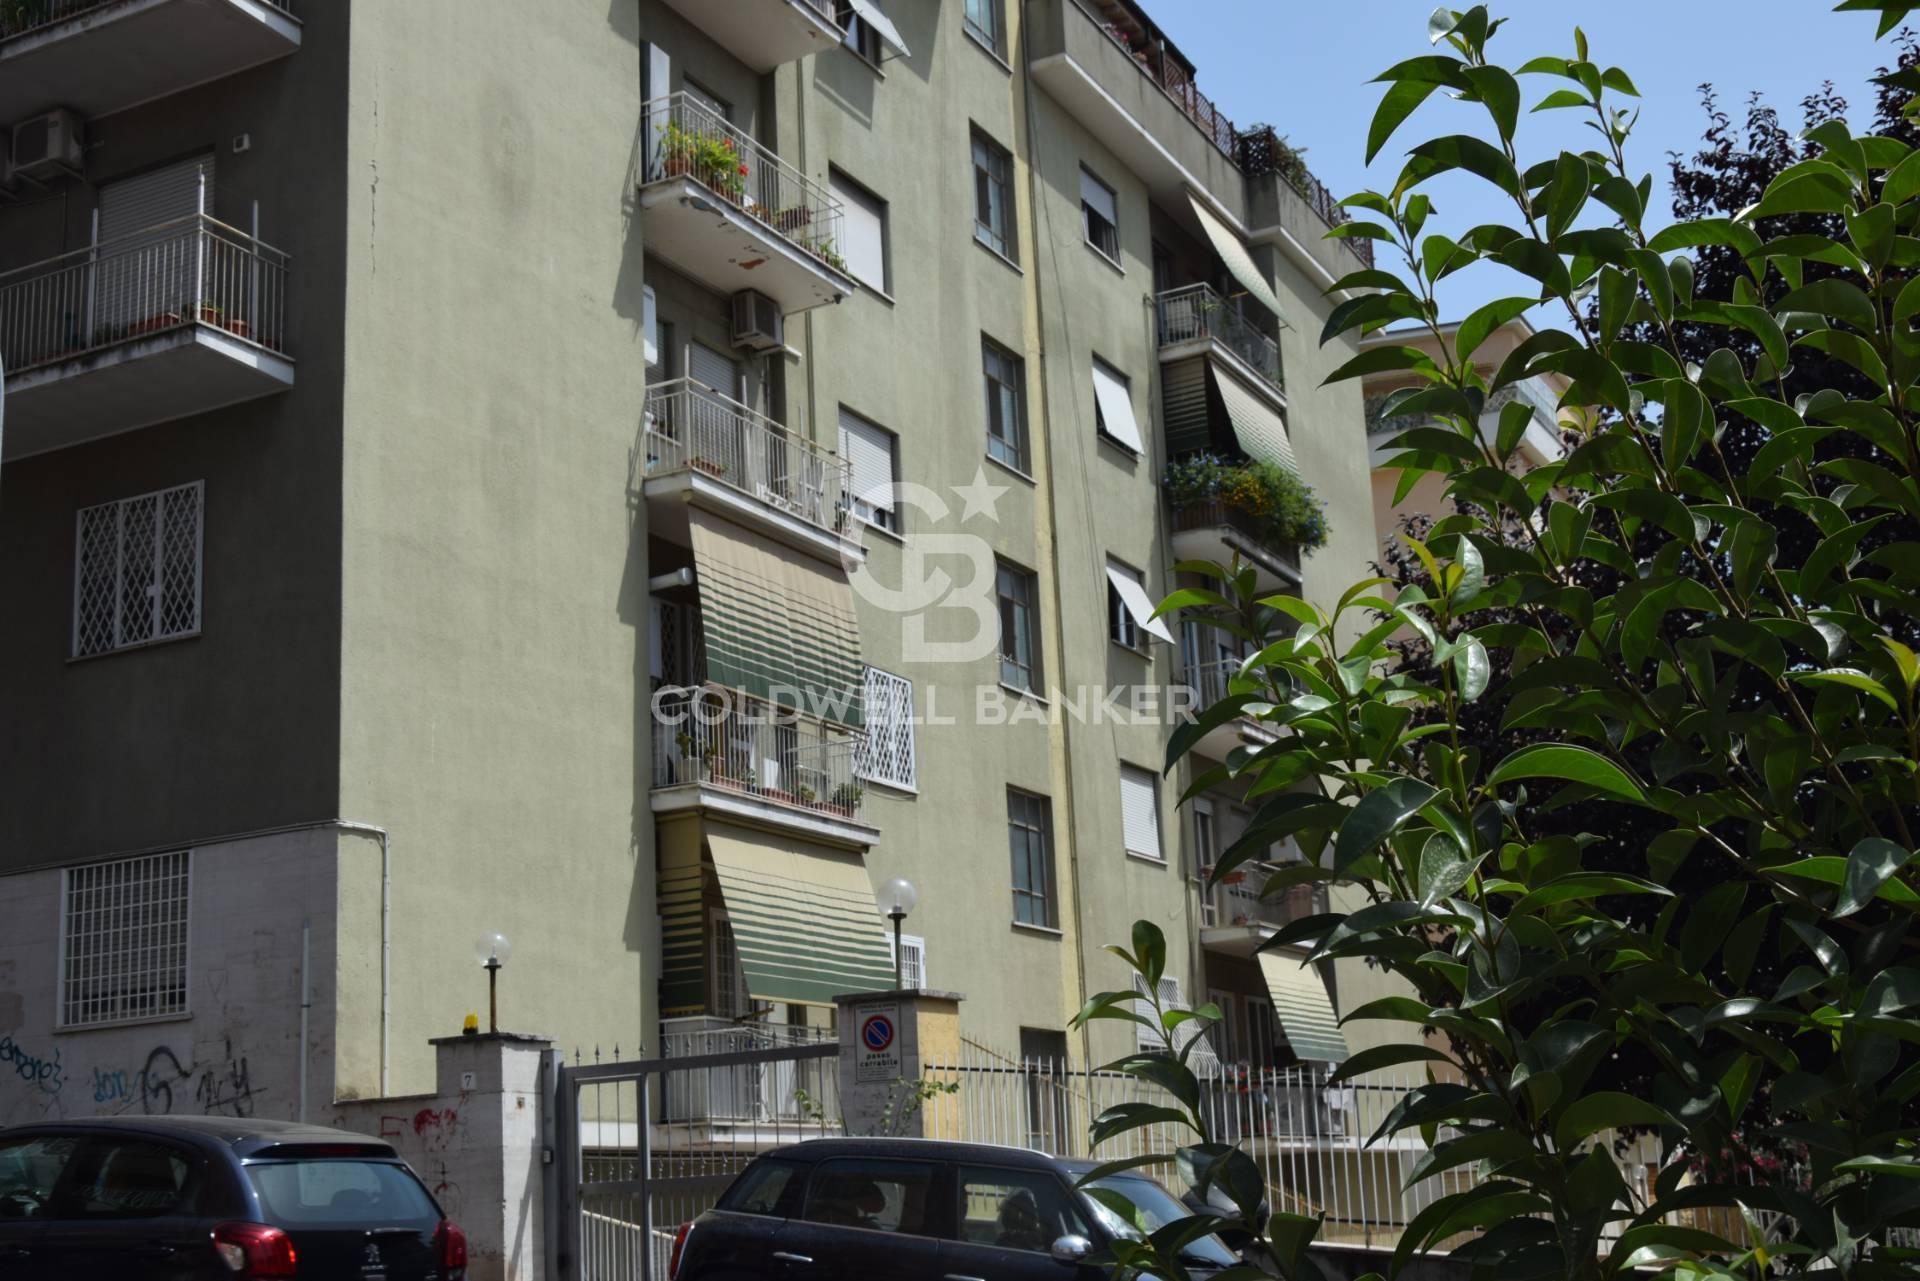 Appartamento in vendita a Roma, 3 locali, zona Zona: 24 . Gianicolense - Colli Portuensi - Monteverde, prezzo € 350.000 | CambioCasa.it